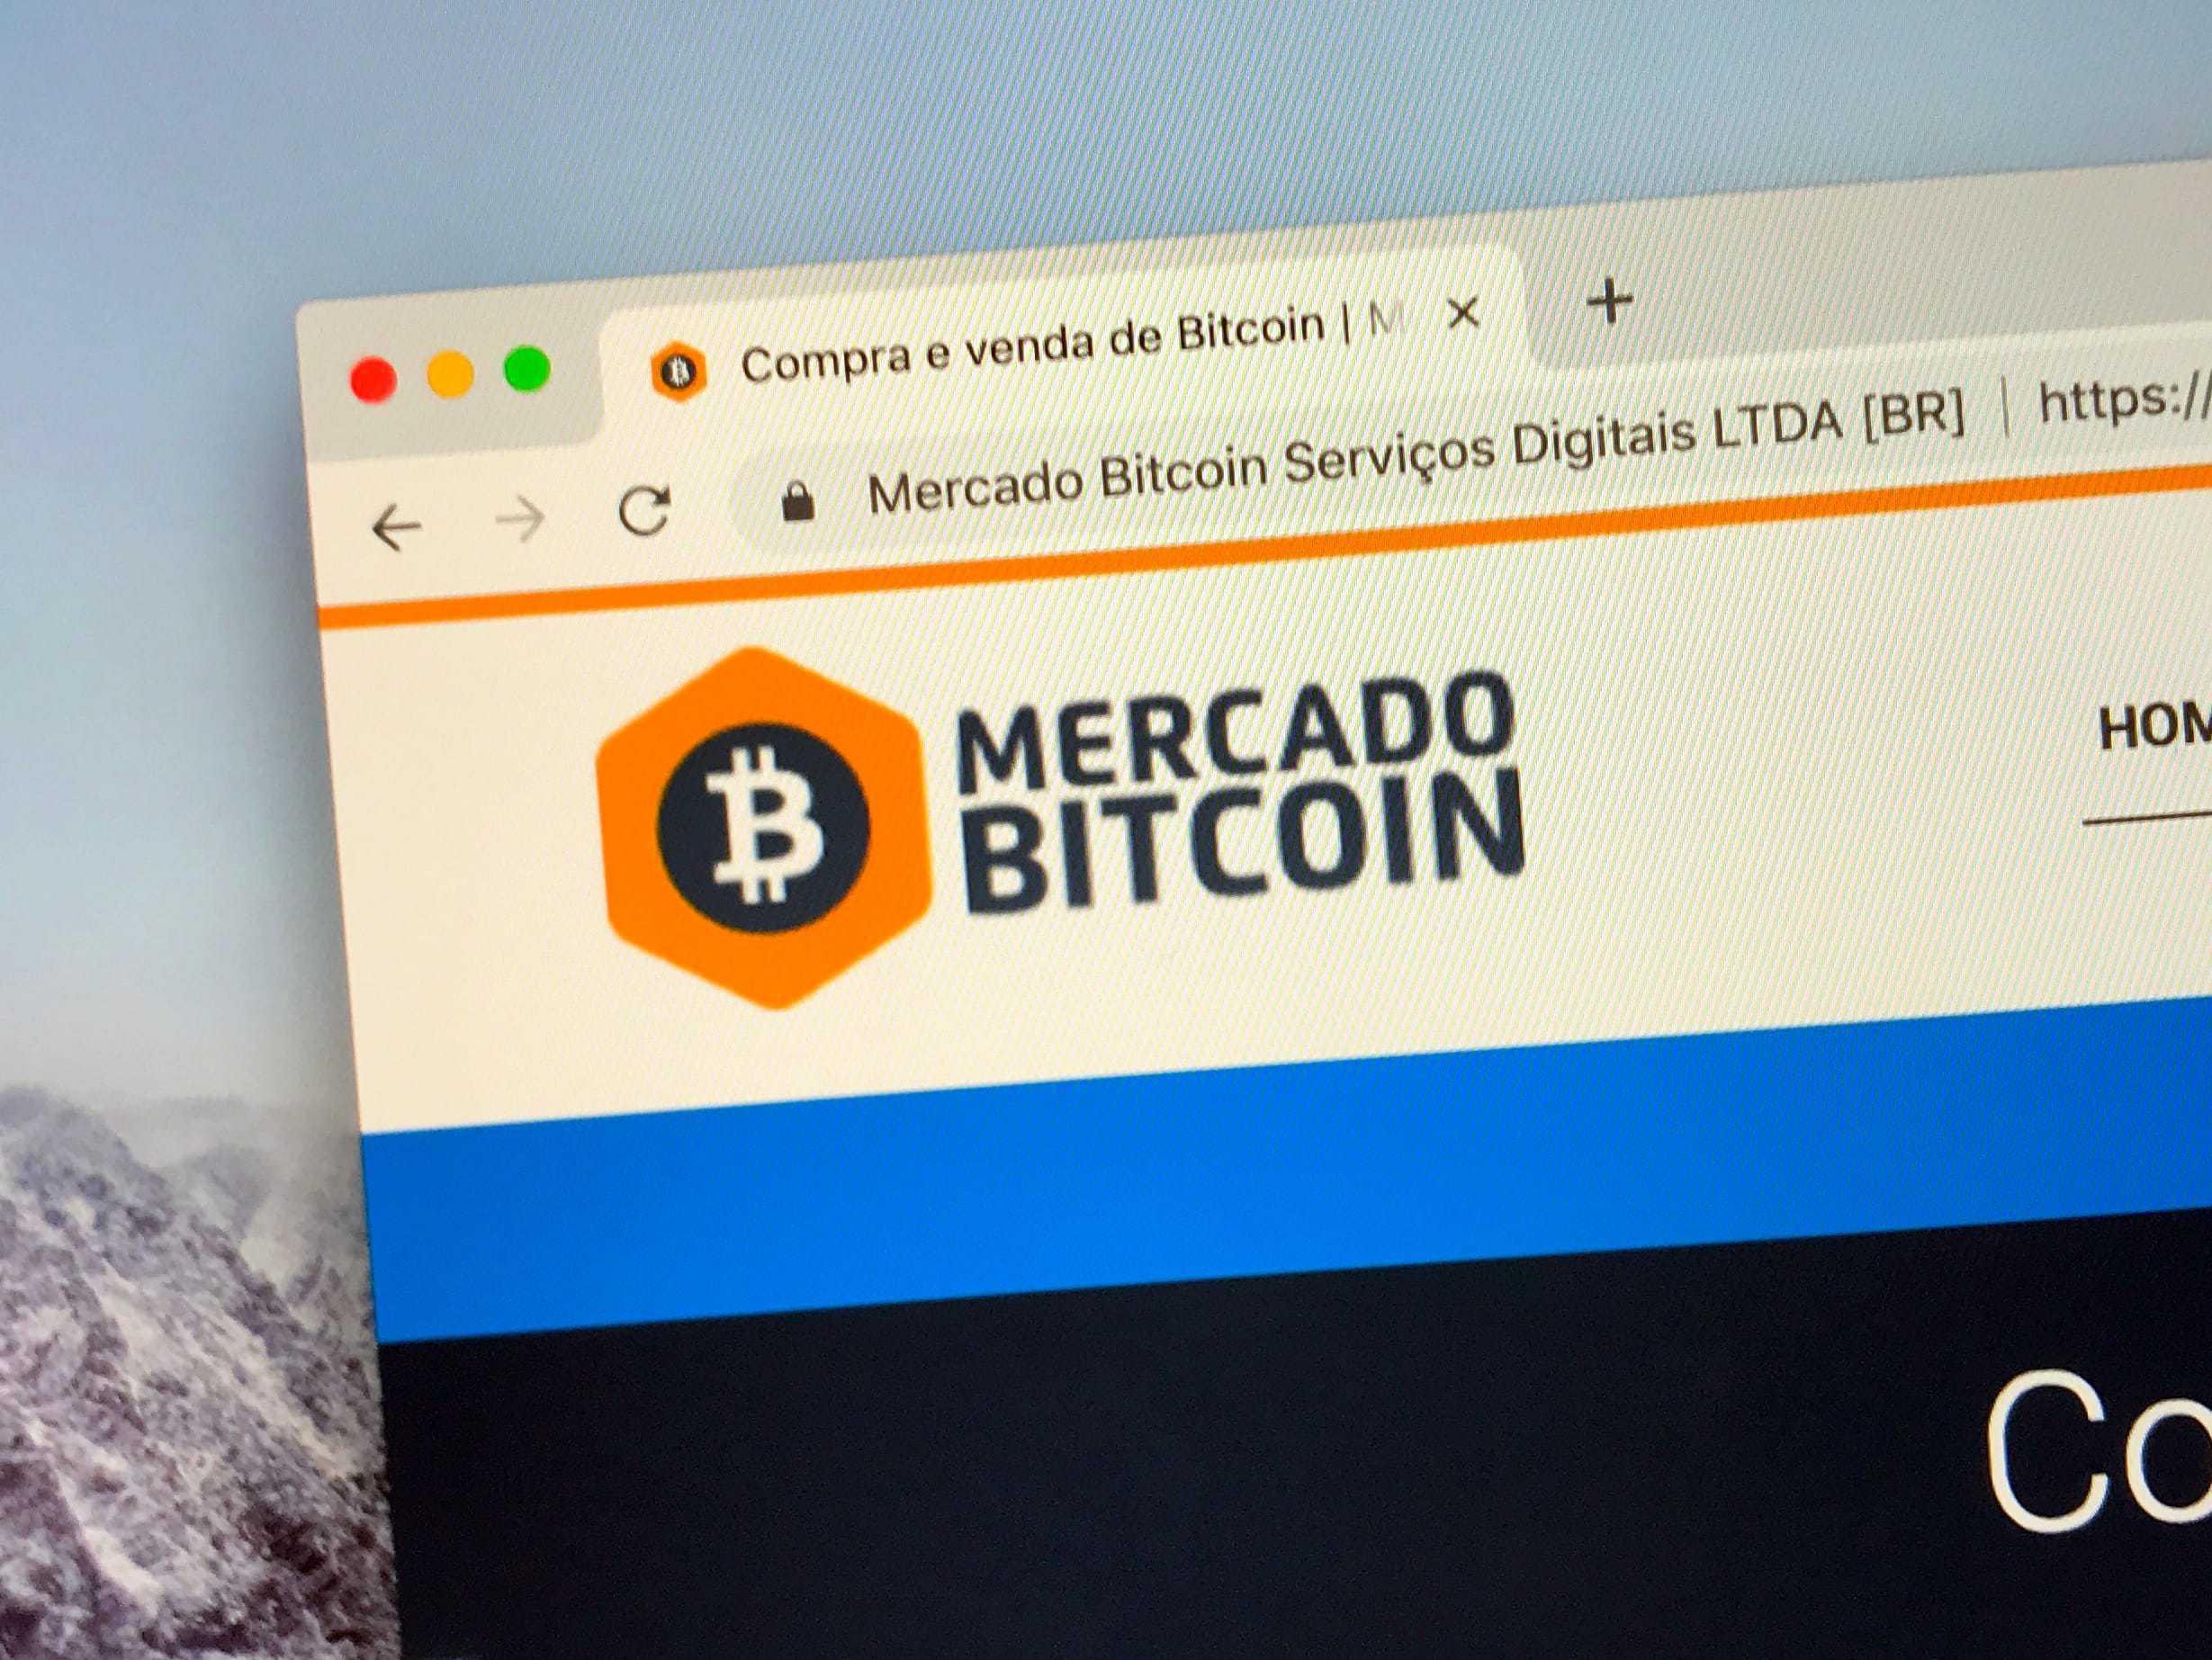 Die Homepage von Mercado Bitcoin auf einem Bildschirm.